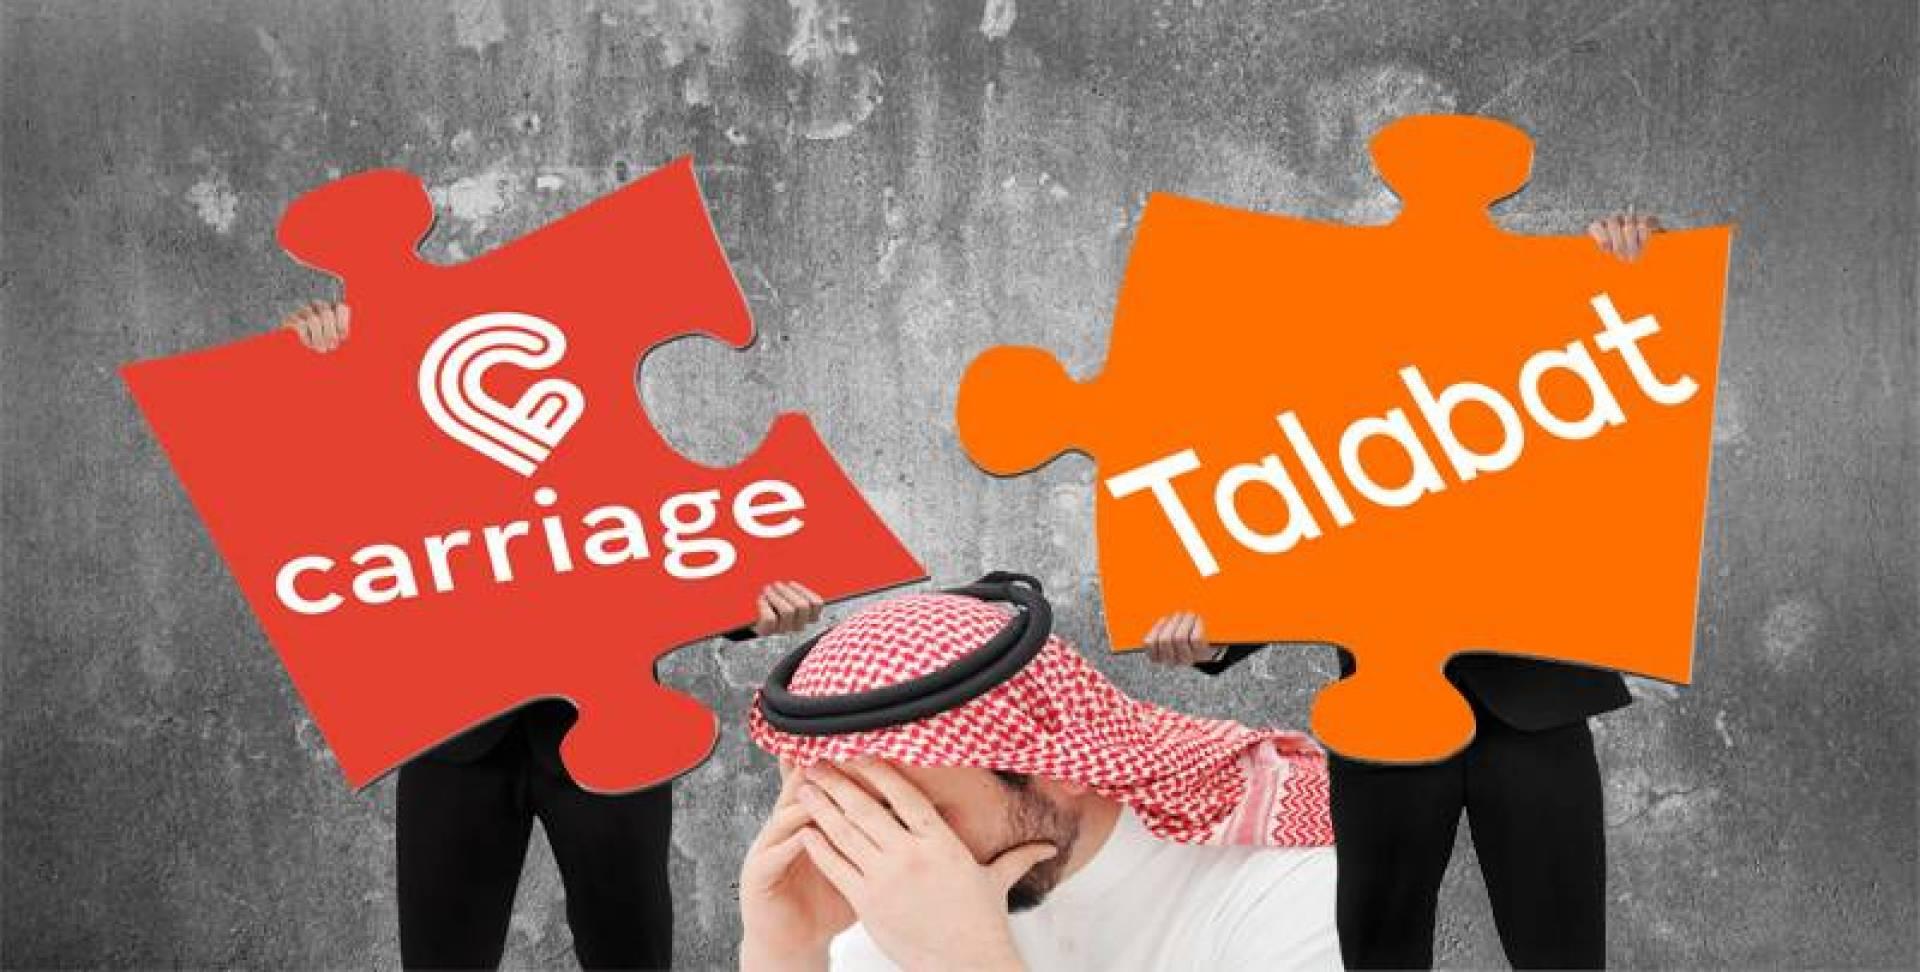 ضم «كاريدج» إلى «طلبات» يطيح عشرات الموظفين الكويتيين